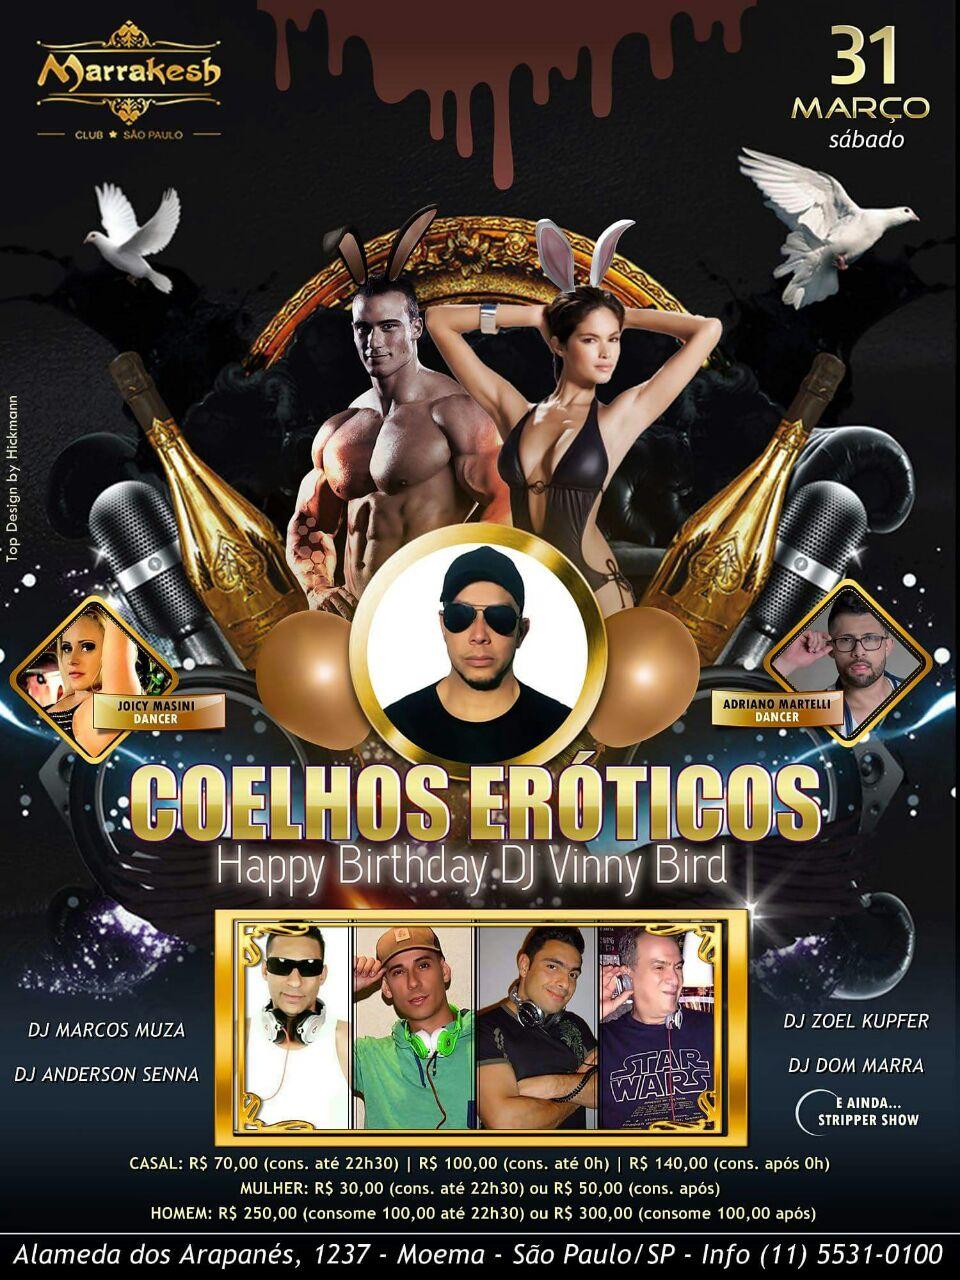 Noite dos Coelhos Sedutores & B-day do DJ Vinny Bird